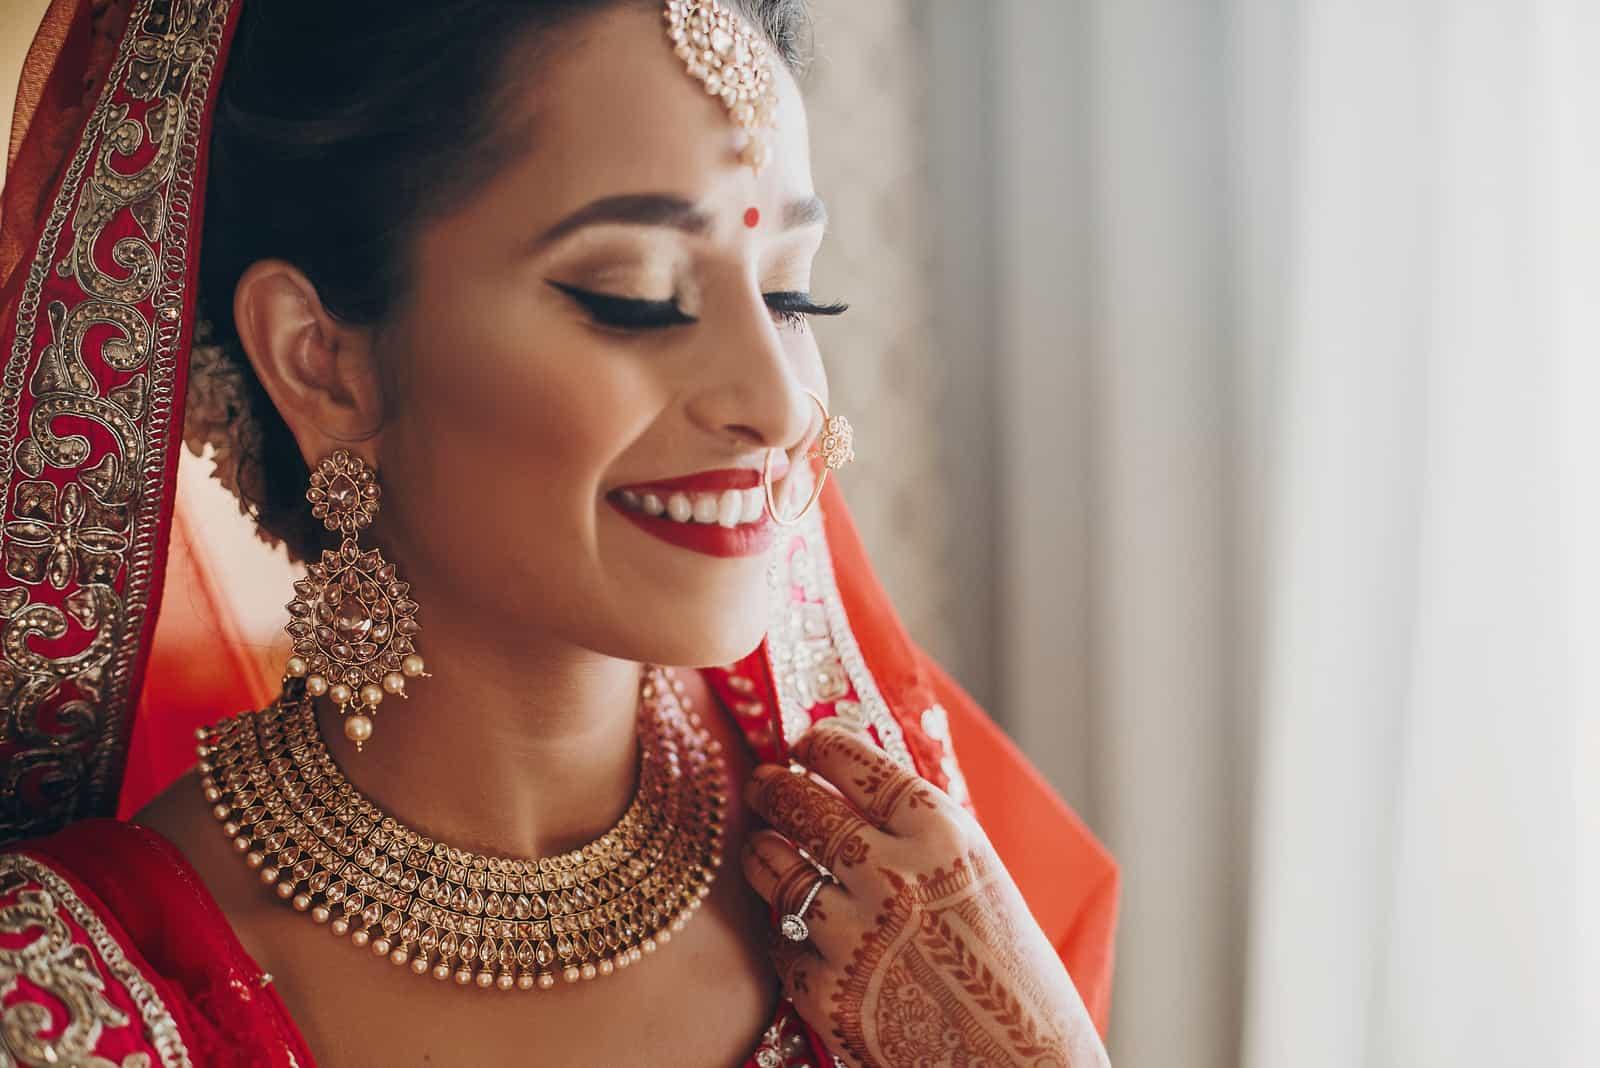 Atemberaubende indische Braut gekleidet in hinduistischen roten traditionellen Hochzeitskleidern